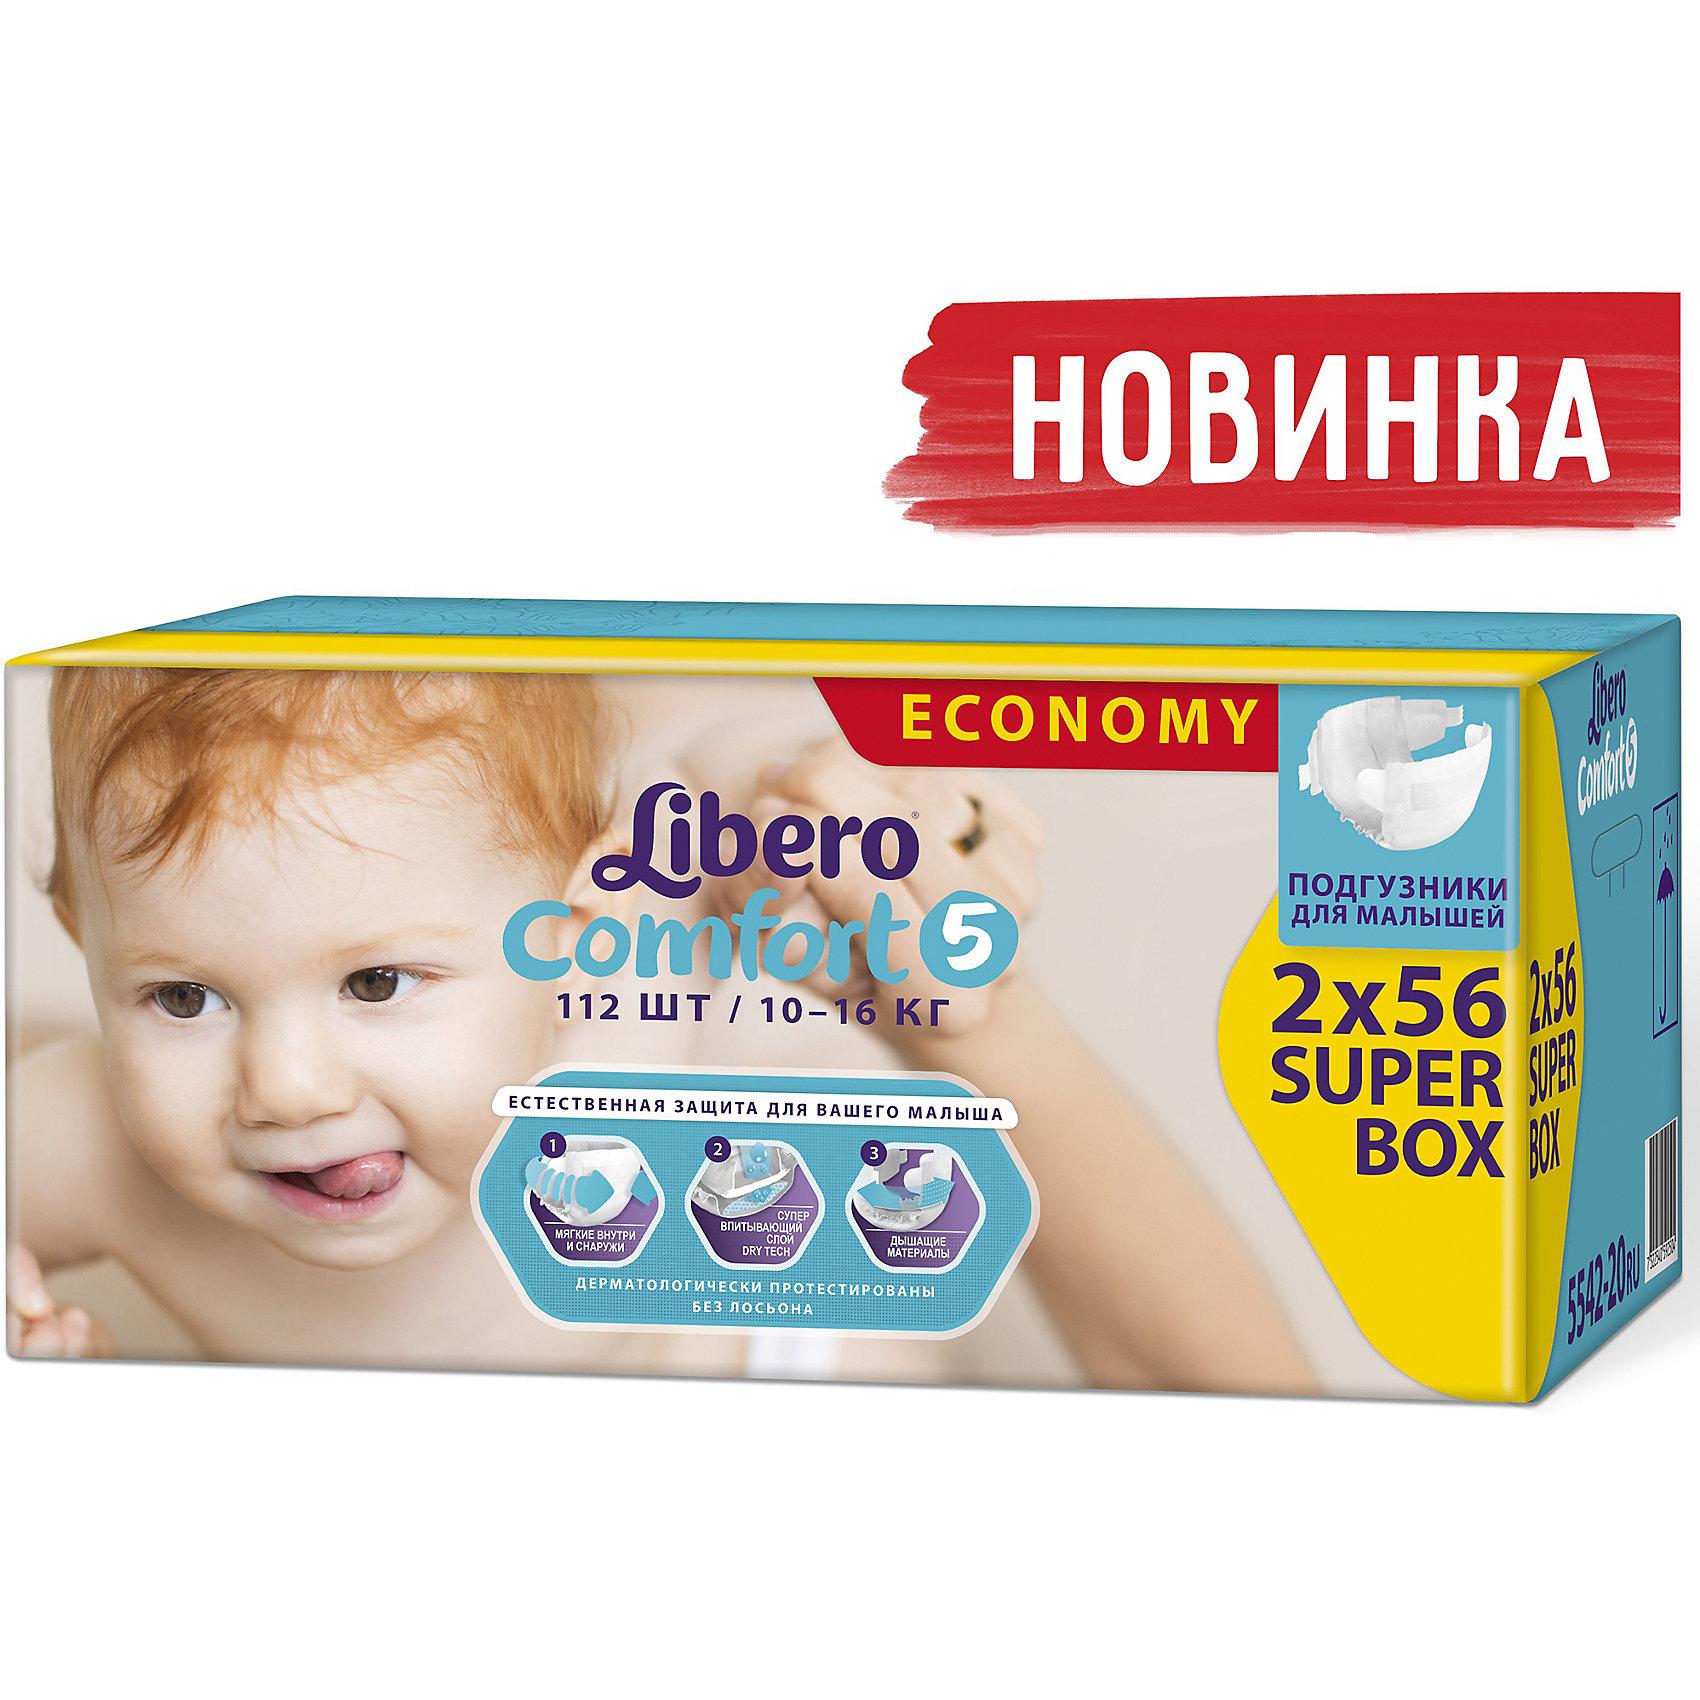 Подгузники Libero Comfort, Maxi Plus 10-16 кг (5), 112 шт. (2x56)Подгузники Libero Comfort (Либеро Комфорт) Size 5 (10-16кг), 112 шт.<br><br>Характеристики:<br><br>• быстро впитывают влагу и удерживают ее<br>• дышащий материал<br>• эластичный поясок<br>• тянущиеся боковинки<br>• мягкий барьер вокруг ног защитит от протеканий<br>• анатомические резиночки<br>• многоразовые застежки<br>• размер: 5 (от 10 до 16 кг)<br>• количество в упаковке: 112 шт.<br><br>Ваш малыш растет и развивается каждый день. Для комфортного исследования окружающего мира ему нужны хорошие подгузники. Libero Comfort быстро впитают влагу и предотвратят протекания благодаря высоким барьерам и эластичному пояску. Специальные материалы не содержат лосьонов и позволят коже крохи дышать, что поможет избежать раздражения и натирания. Тянущиеся боковинки и анатомические резинки обеспечат плотное прилегание подгузника к телу. Подарите юному исследователю сухость и комфорт!<br><br>Подгузники Libero Comfort (Либеро Комфорт)Size 5 (10-16кг), 112 шт. вы можете купить в нашем интернет-магазине.<br><br>Ширина мм: 264<br>Глубина мм: 448<br>Высота мм: 209<br>Вес г: 4445<br>Возраст от месяцев: 6<br>Возраст до месяцев: 36<br>Пол: Унисекс<br>Возраст: Детский<br>SKU: 3517626